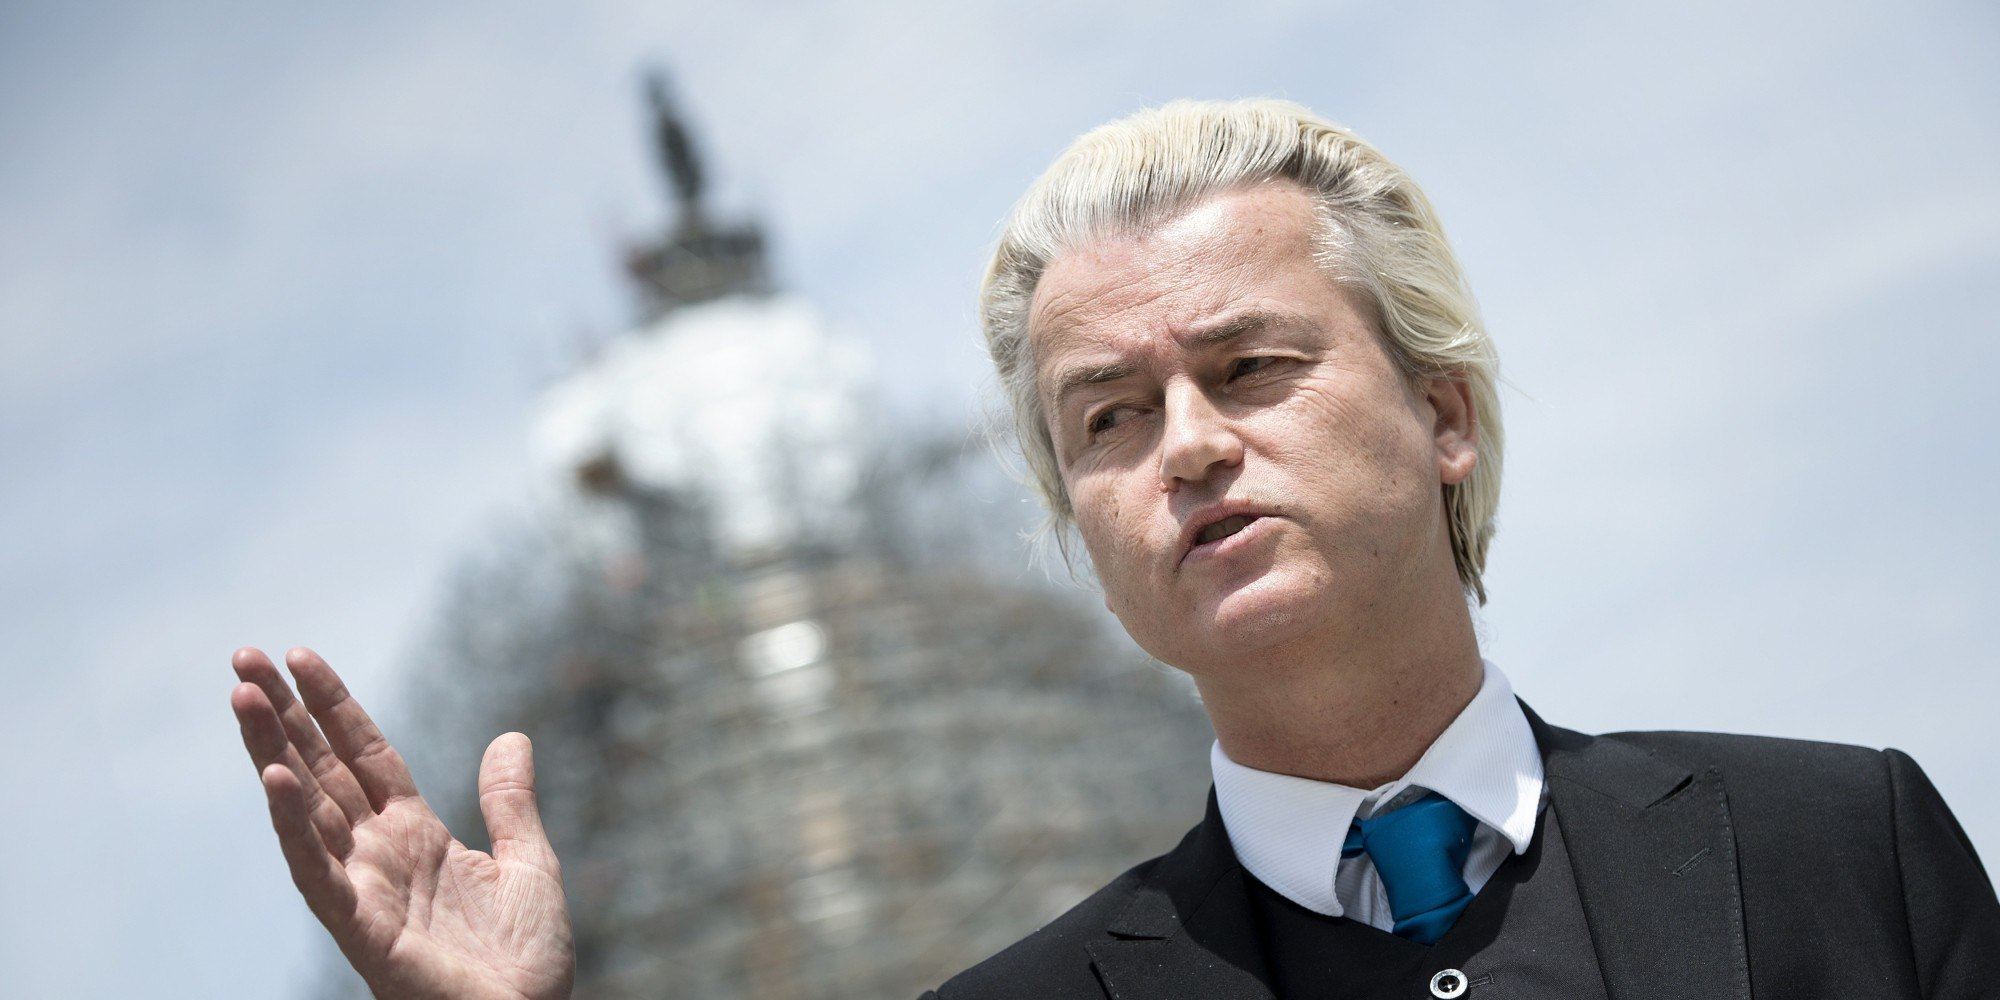 Партия свободы Нидерландов готовит референдум о выходе из ЕС